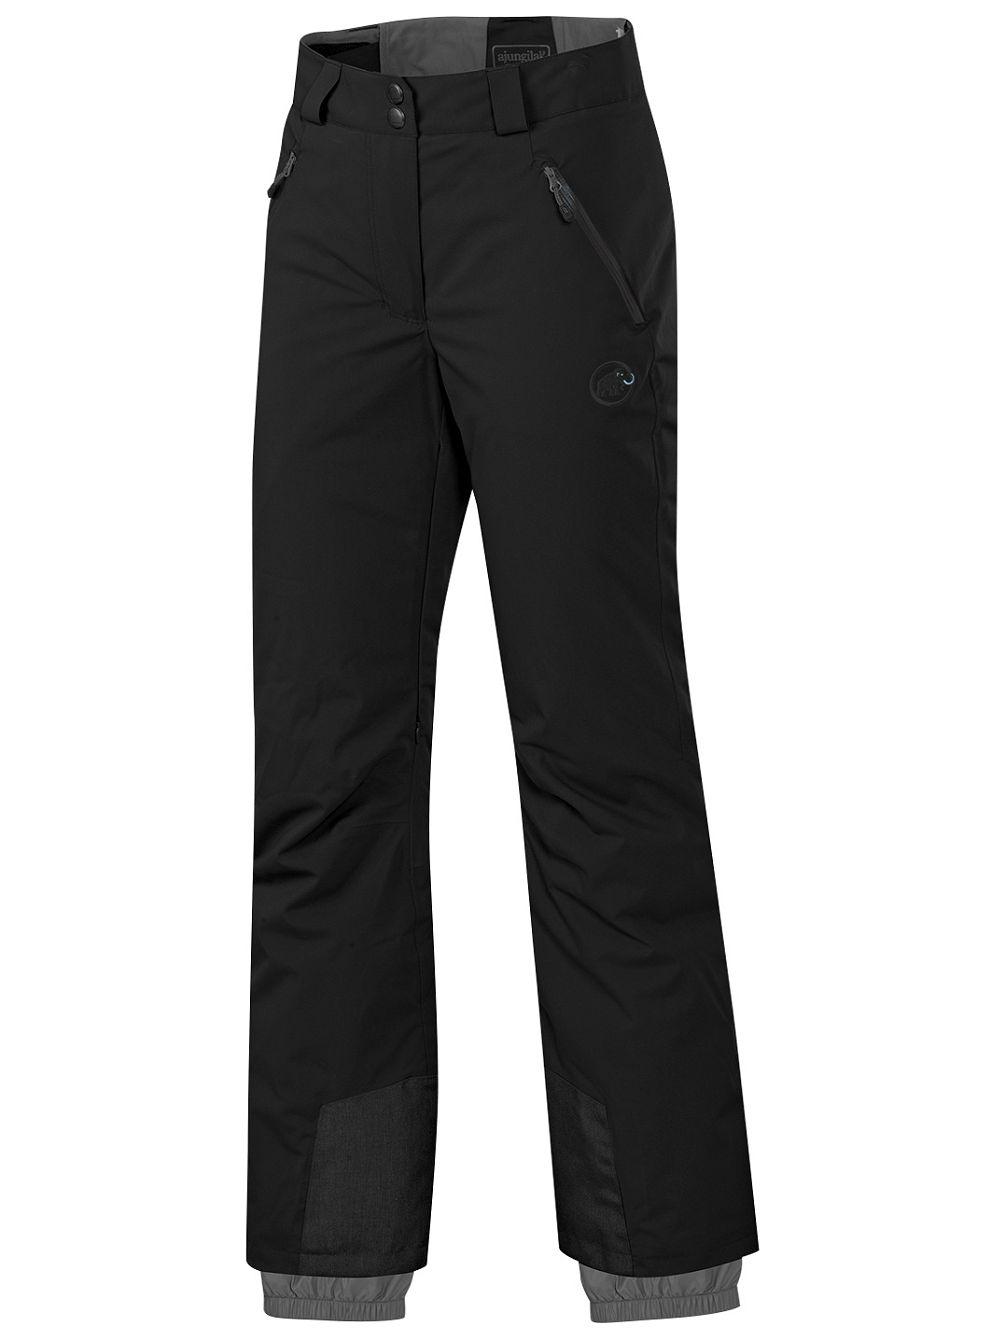 mammut-nara-pants-long